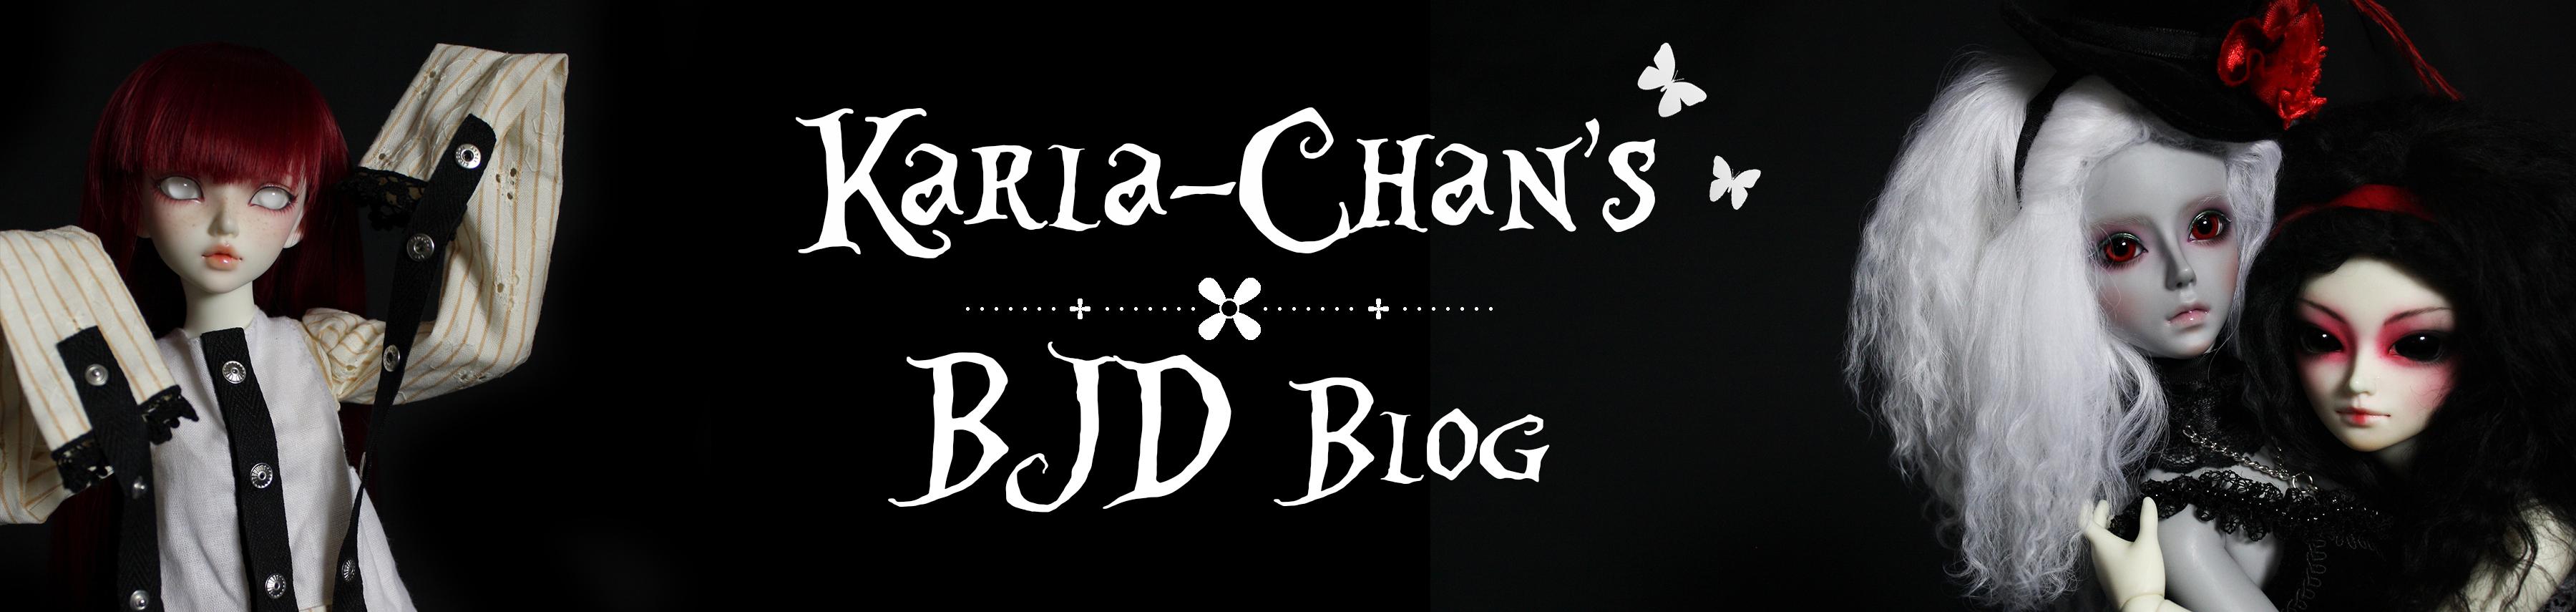 Karla-chan's BJD Blog